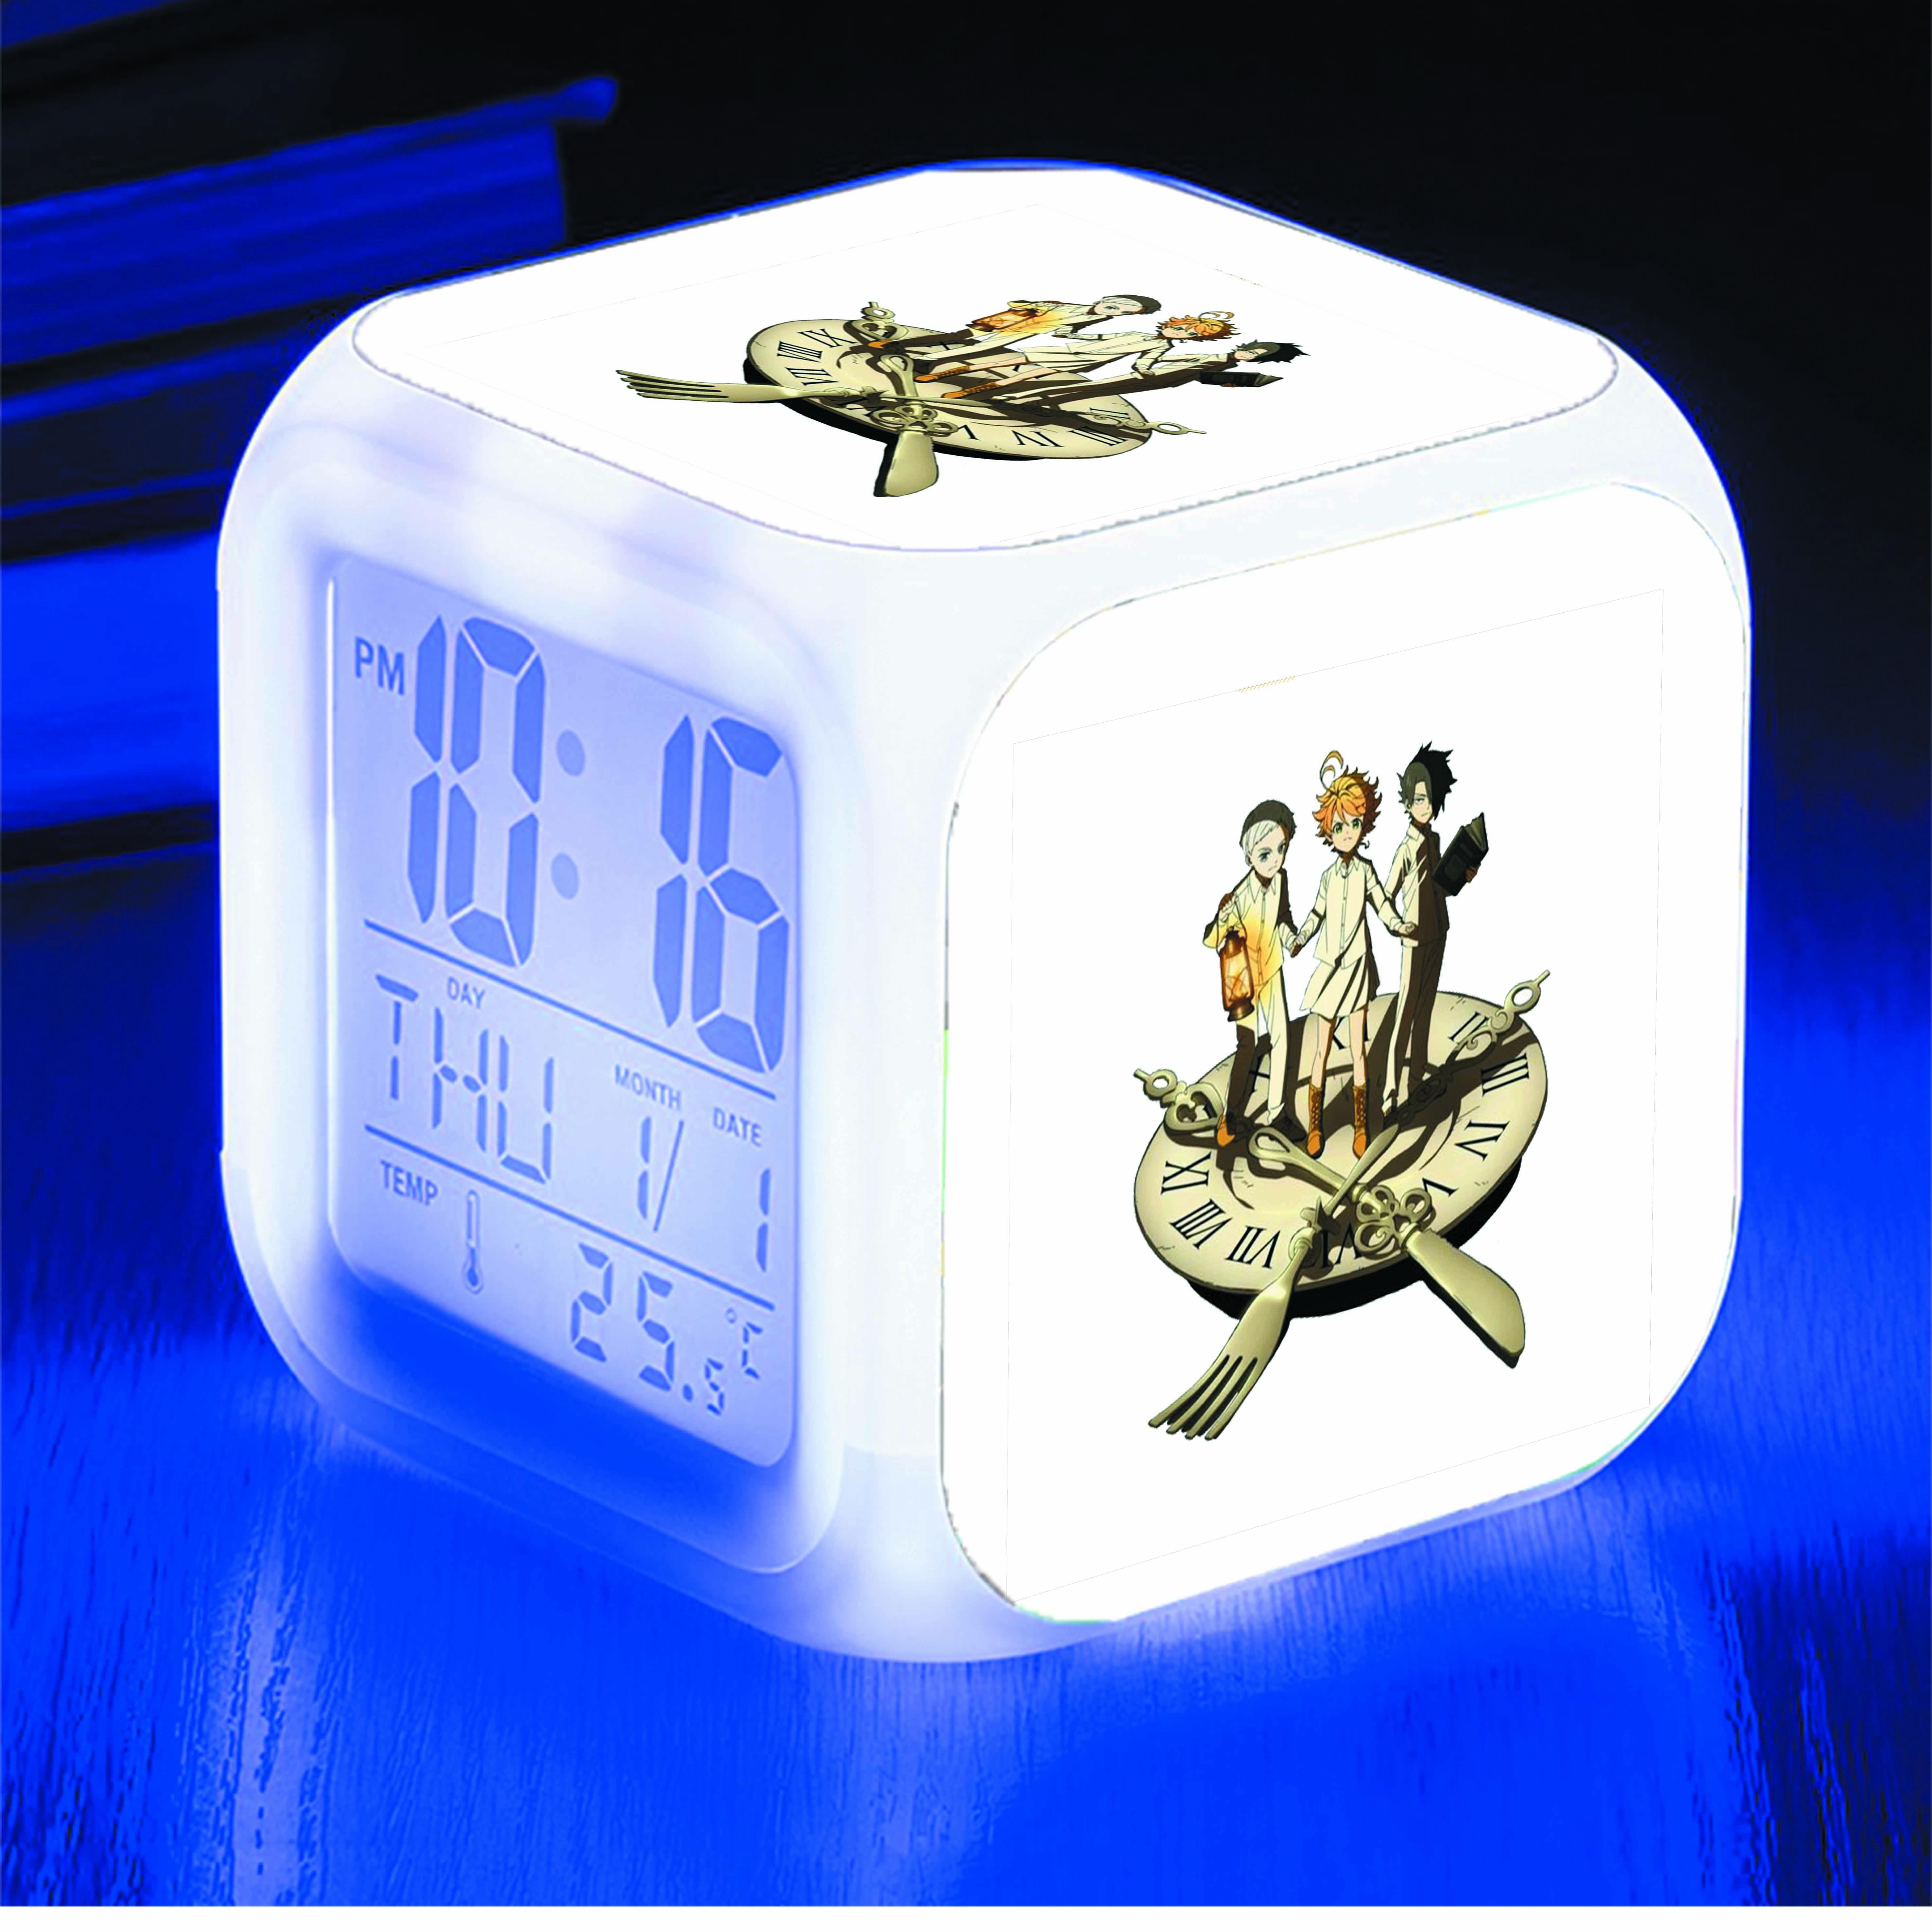 Đồng hồ báo thức để bàn IN HÌNH The Promised Neverland - Miền Đất Hứa anime